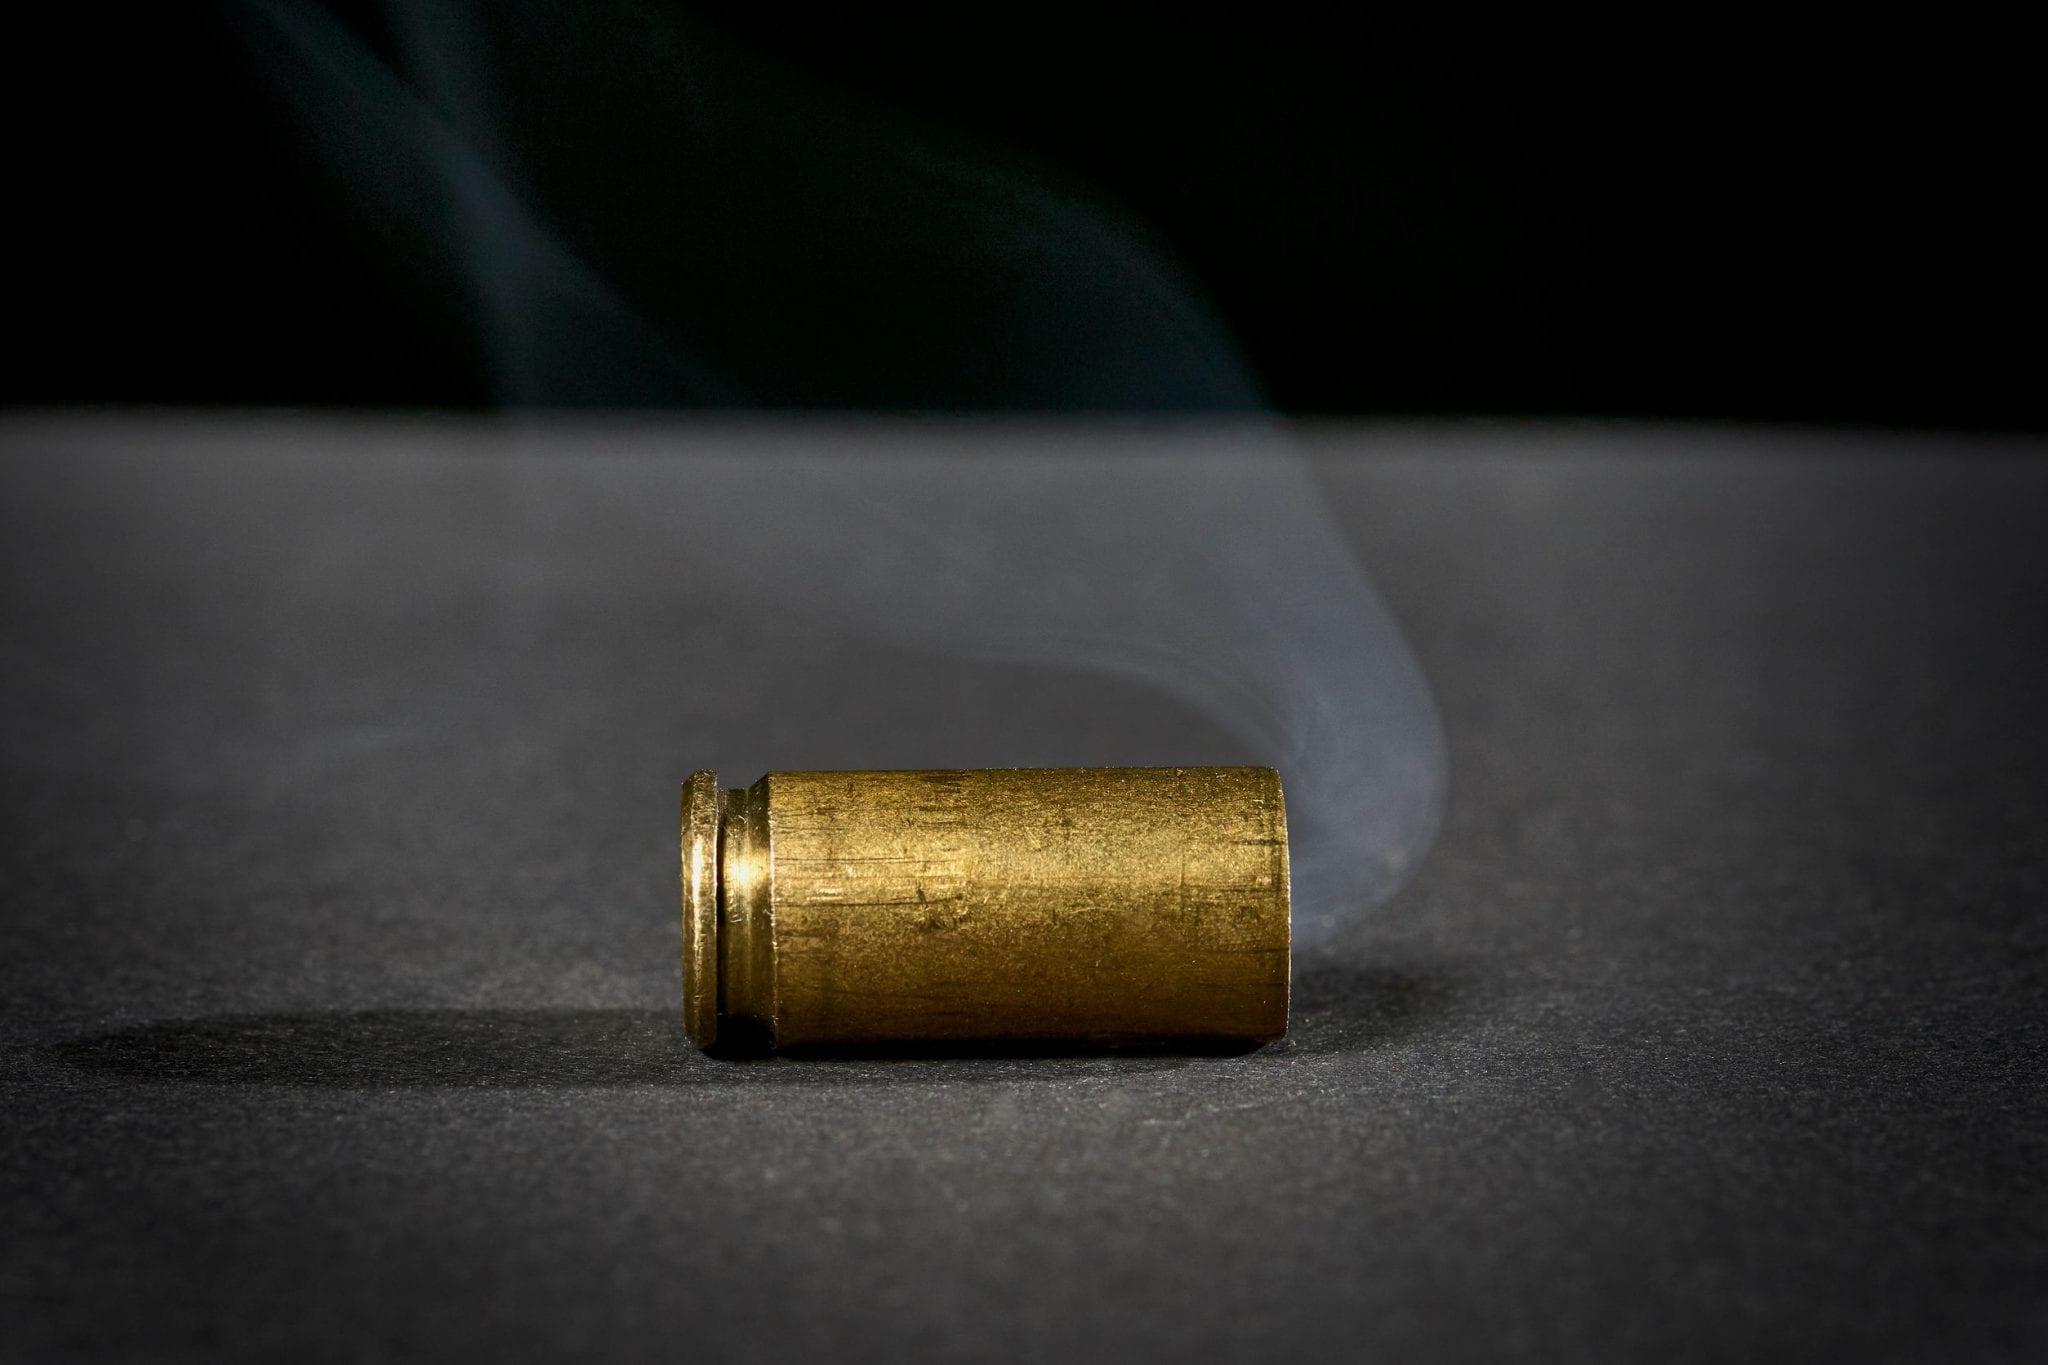 Accidental Killing vs. Involuntary Manslaughter in Texas